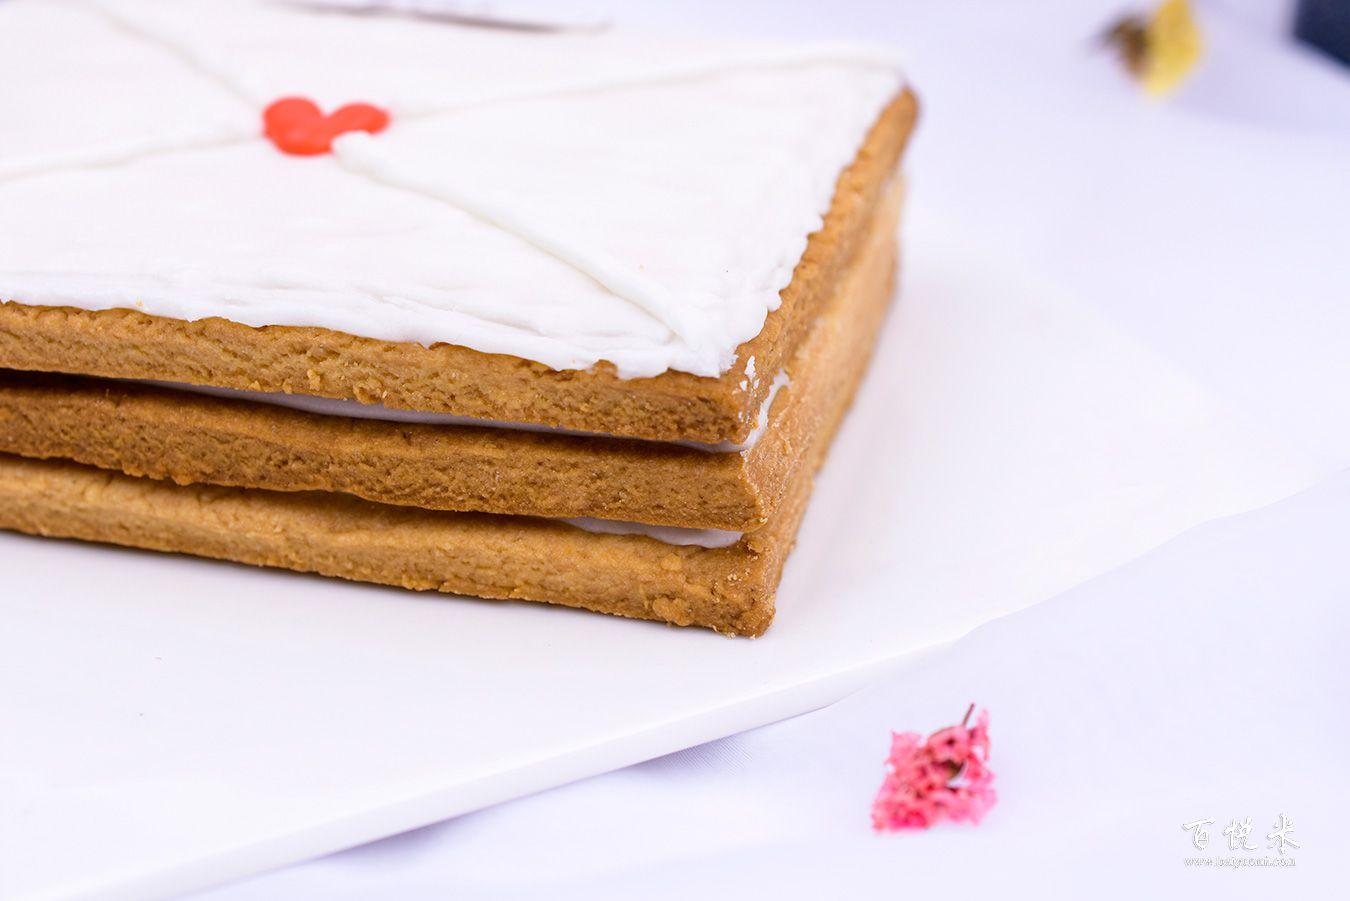 520糖霜饼干高清图片大全【蛋糕图片】_736